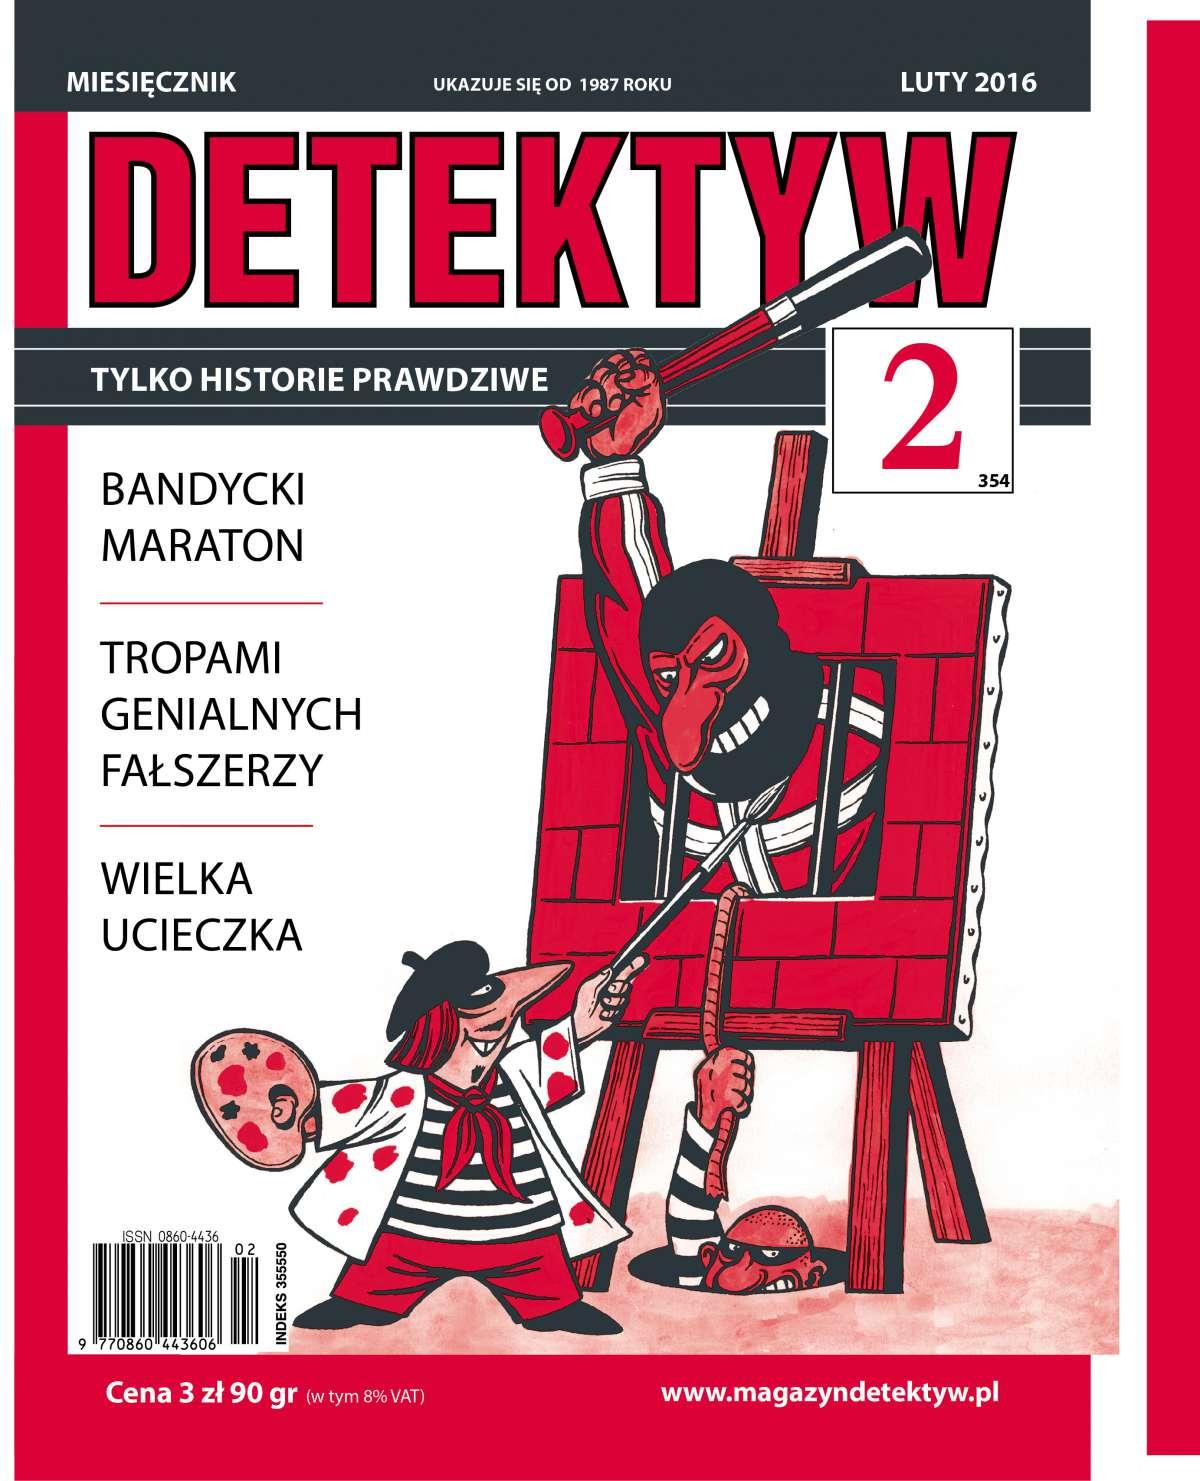 Detektyw 2/2016 - Ebook (Książka EPUB) do pobrania w formacie EPUB